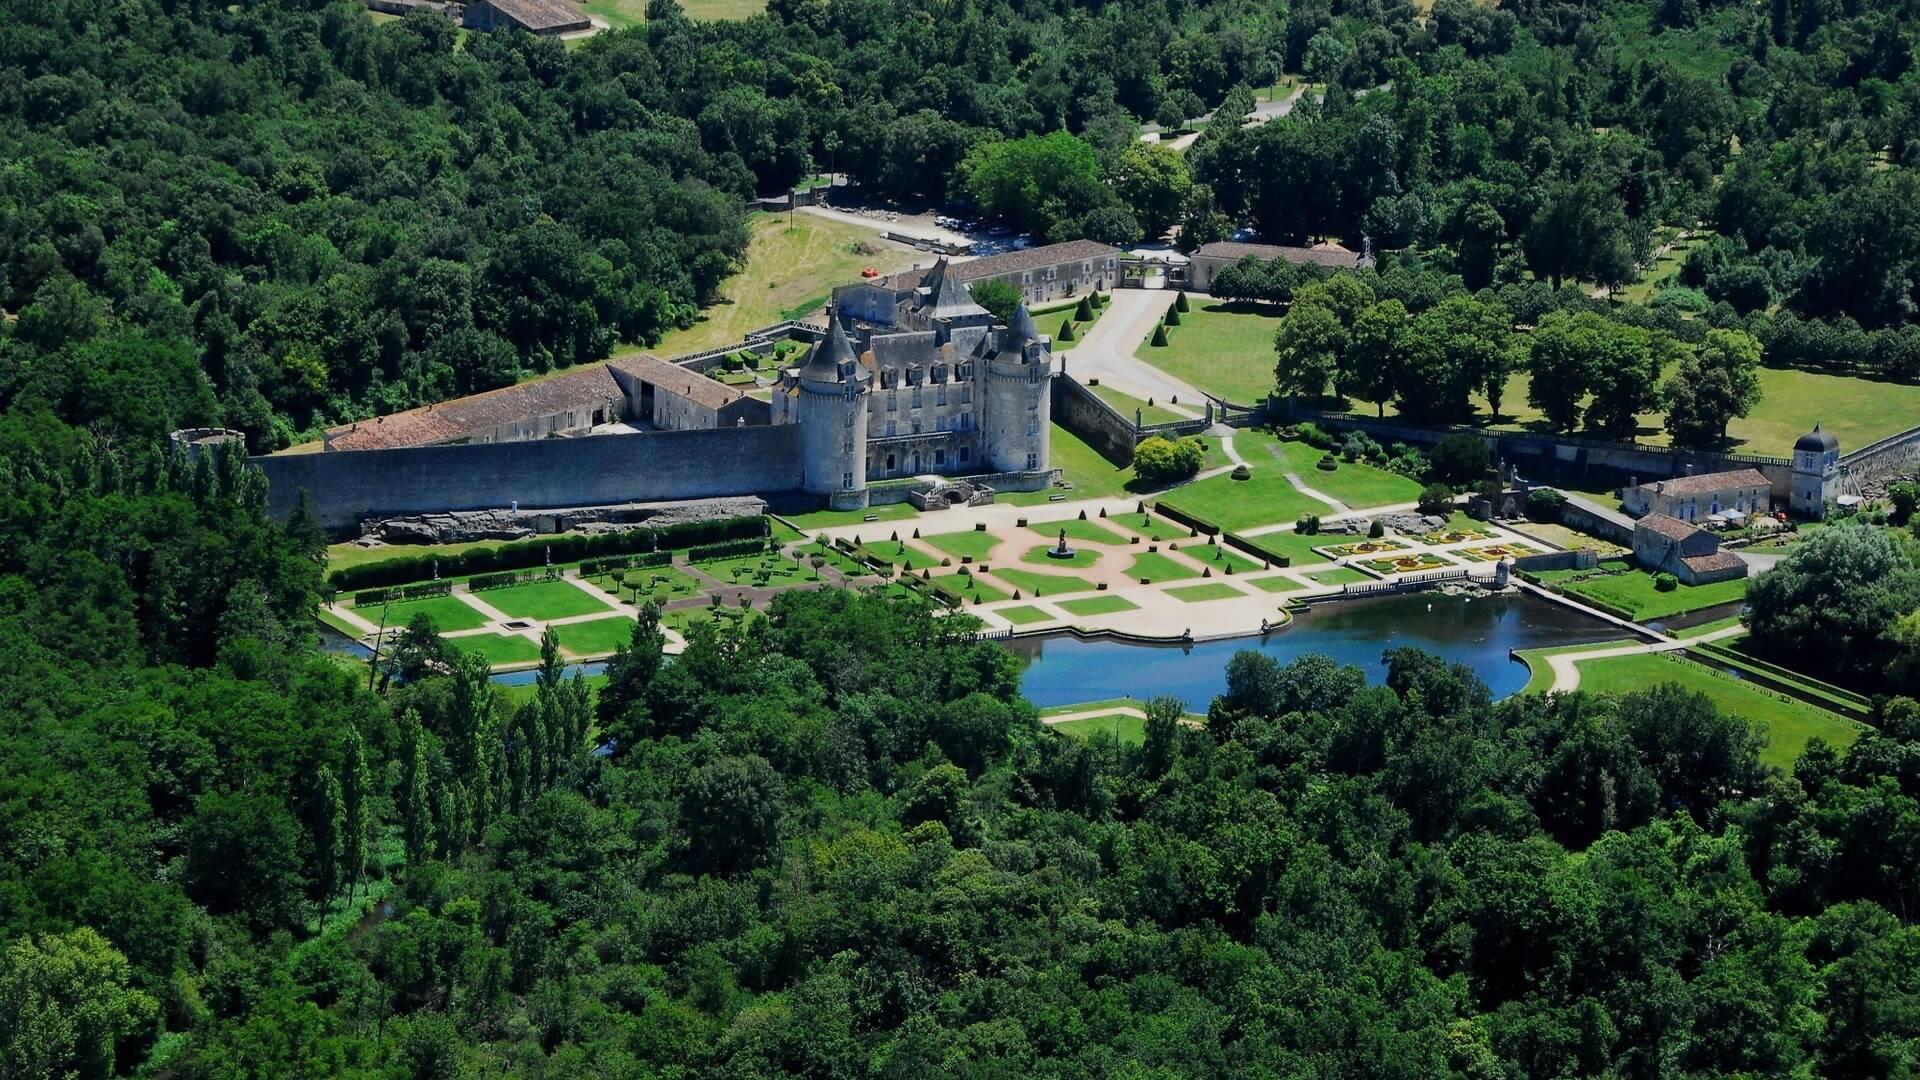 Vue aérienne du château de la Roche-Courbon - ©FDHPA17